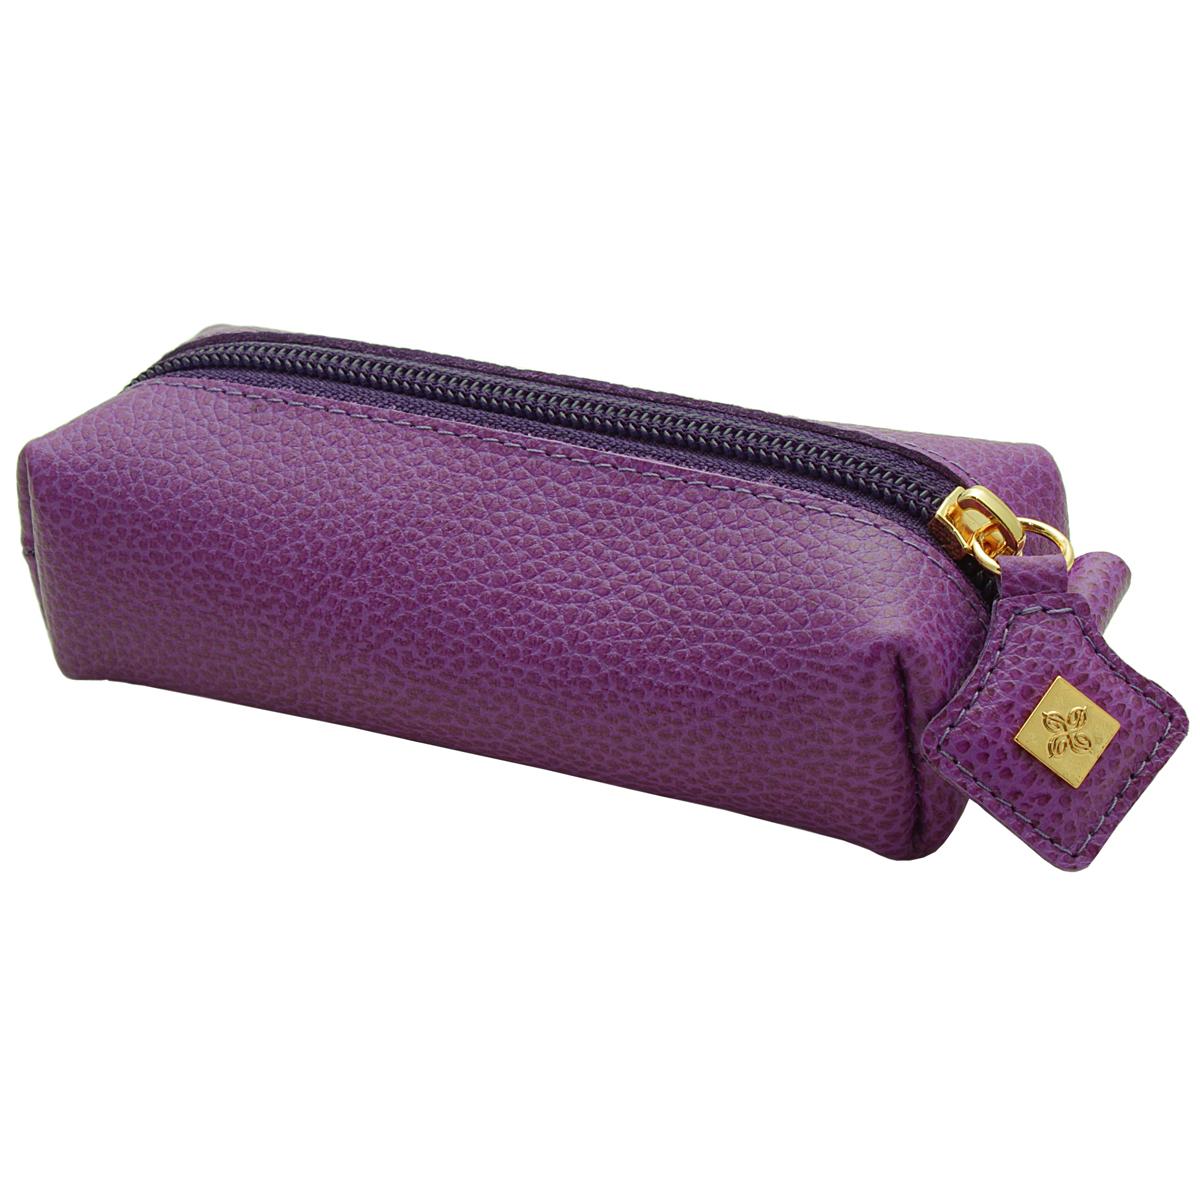 Ключница Dimanche Purpur, цвет: пурпурный. 108Серьги с подвескамиКомпактная ключница Purpur - стильная вещь для хранения ключей. Ключница выполнена из натуральной кожи. Состоит из одного отделения, закрывающегося на застежку-молнию. Внутри ключницы на кожаной петле крепится металлическое кольцо для ключей. Характеристики: Цвет: пурпурный. Материал: натуральная кожа, металл. Размер: 14,5 см x 5,5 см x 3,5 см. Изготовитель: Россия. Артикул: 108